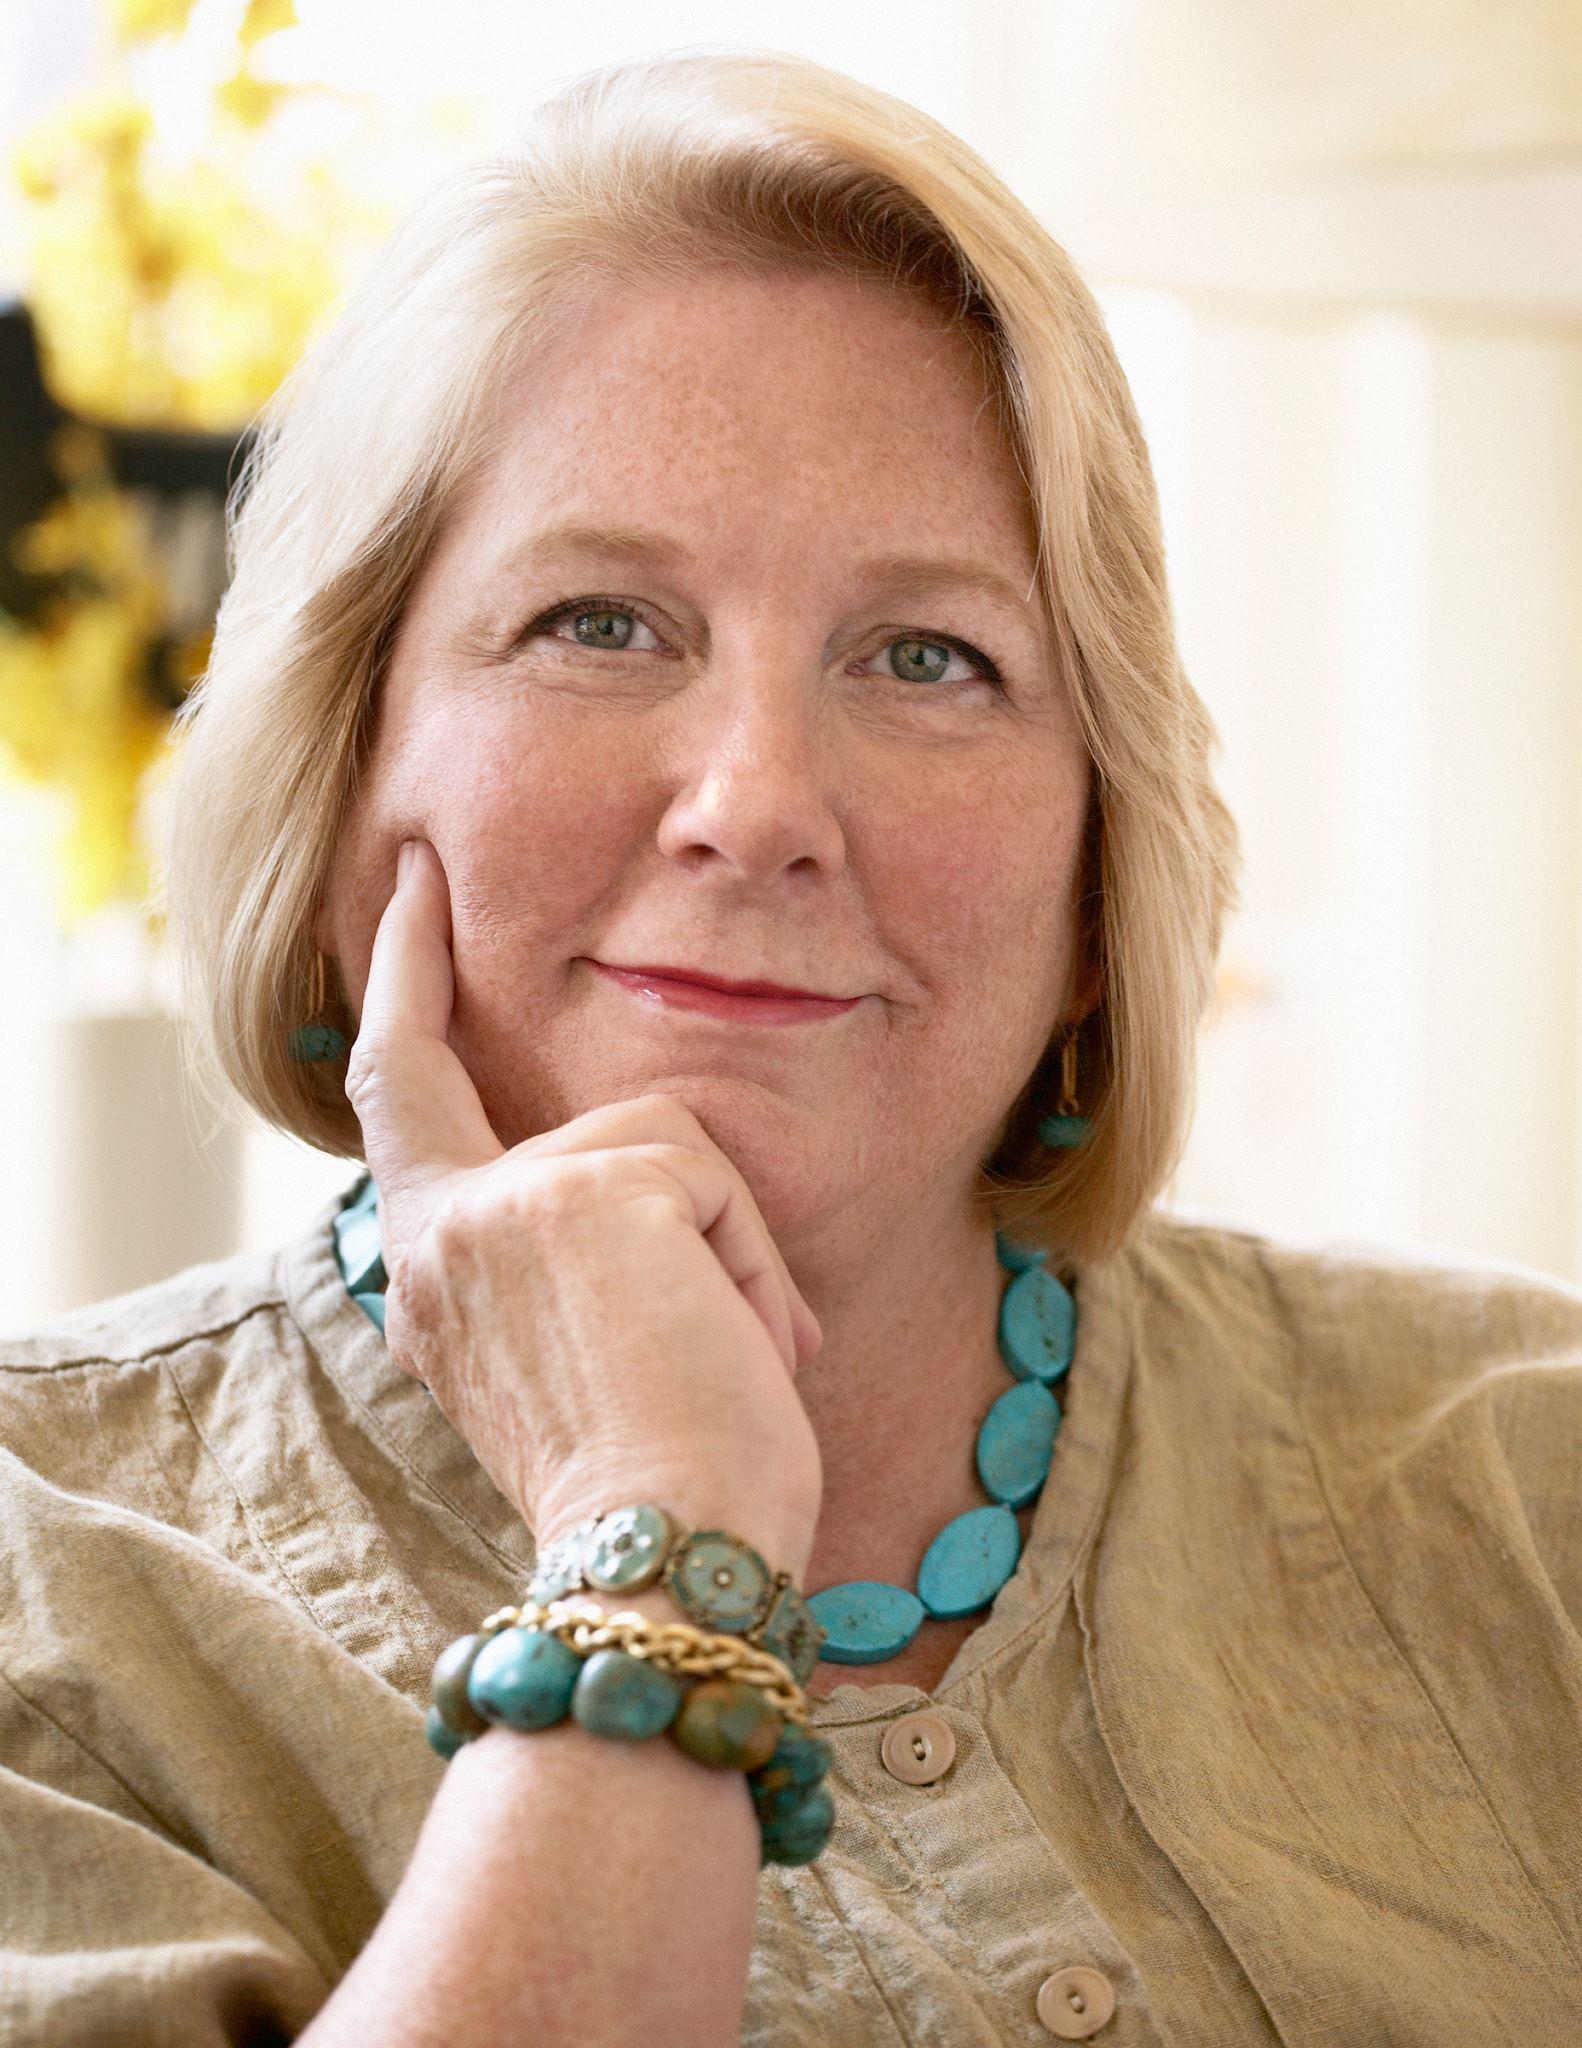 Artist Mary Engelbreit To Receive Lifetime Achievement